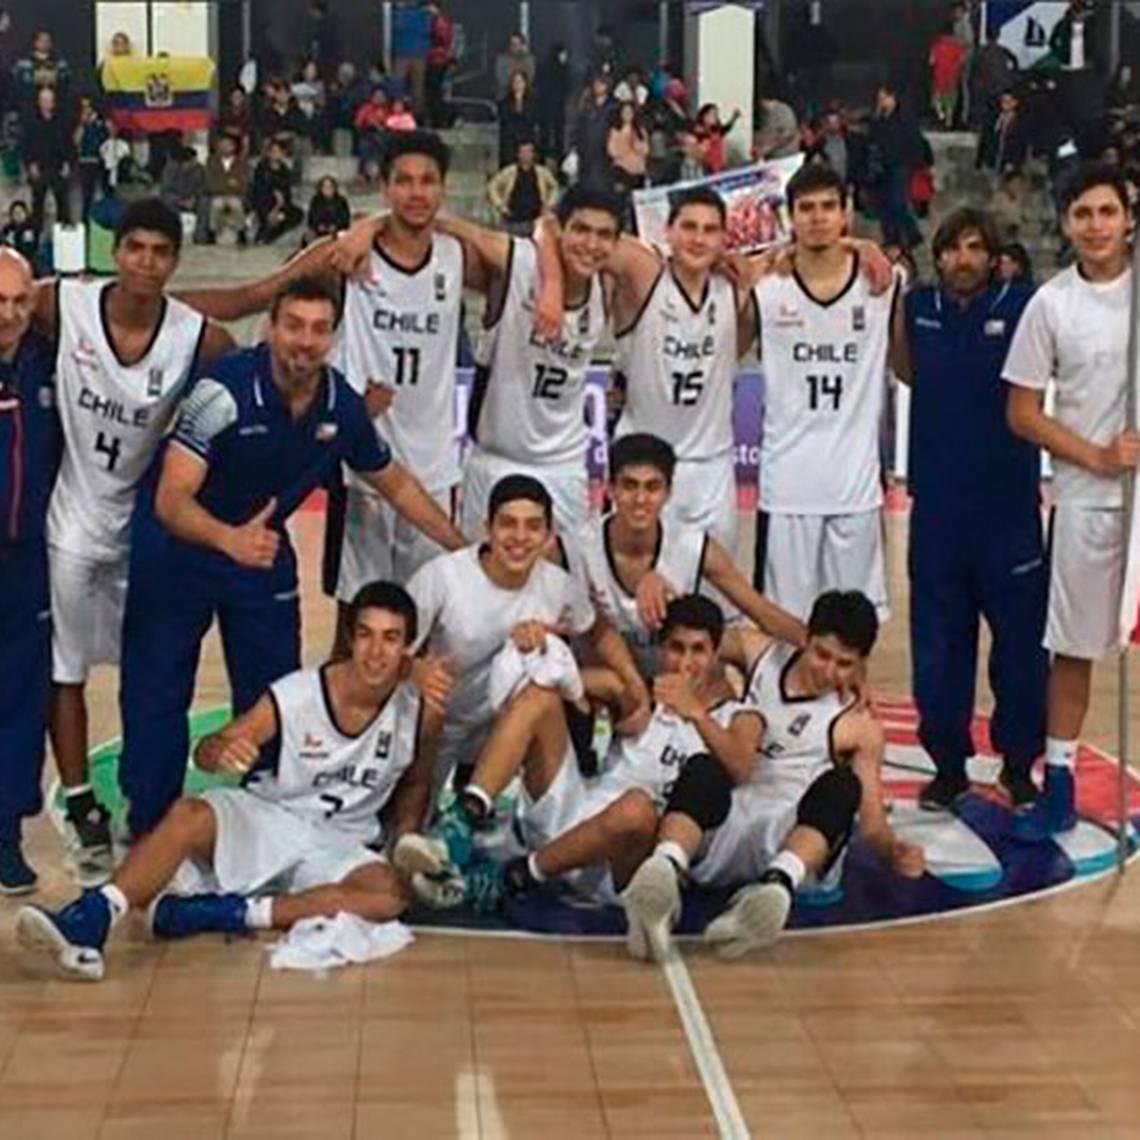 ¡Orgullo nacional! Chile es campeón sub 17 en el básquetbol